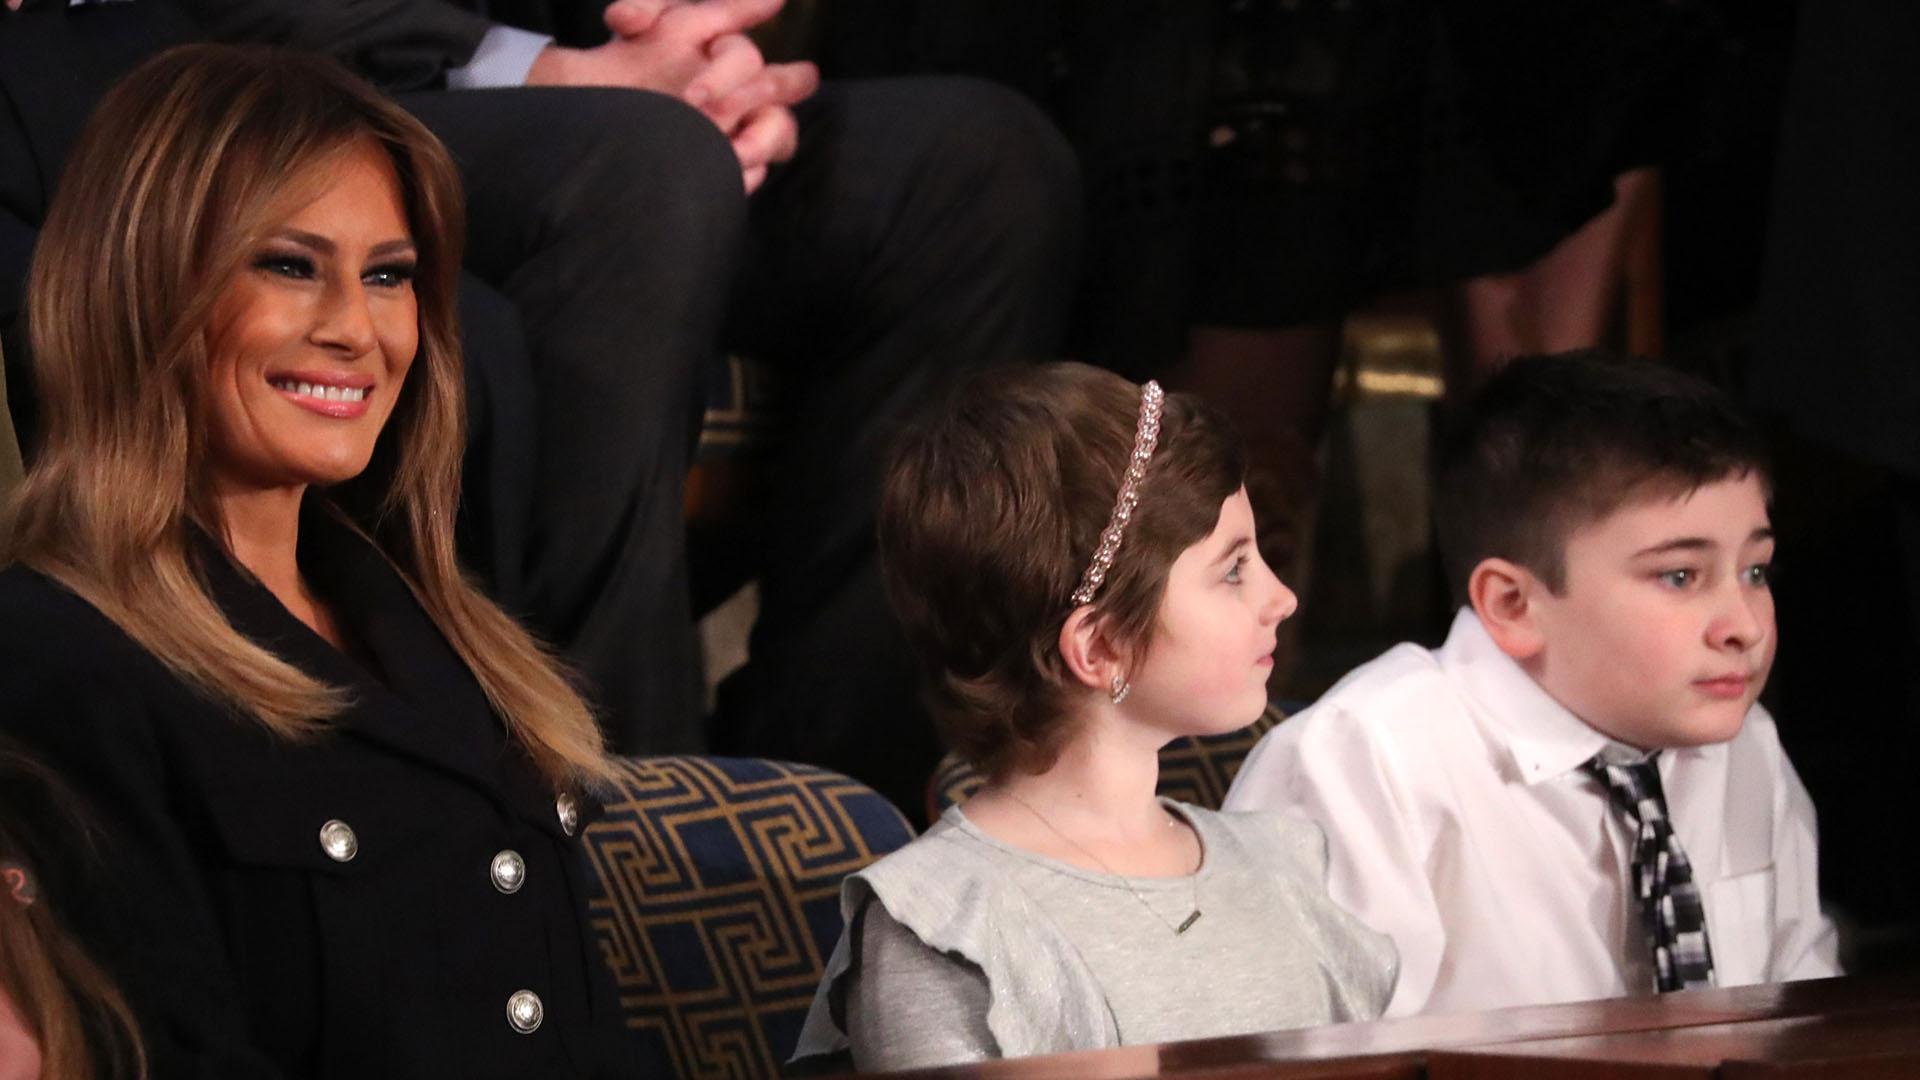 Melania Trump junto a la niña sobreviviente de cáncerGrace Eliney Joshua Trump, víctima de bullying por tener el mismo apellido el mandatario. (REUTERS/Jonathan Ernst)